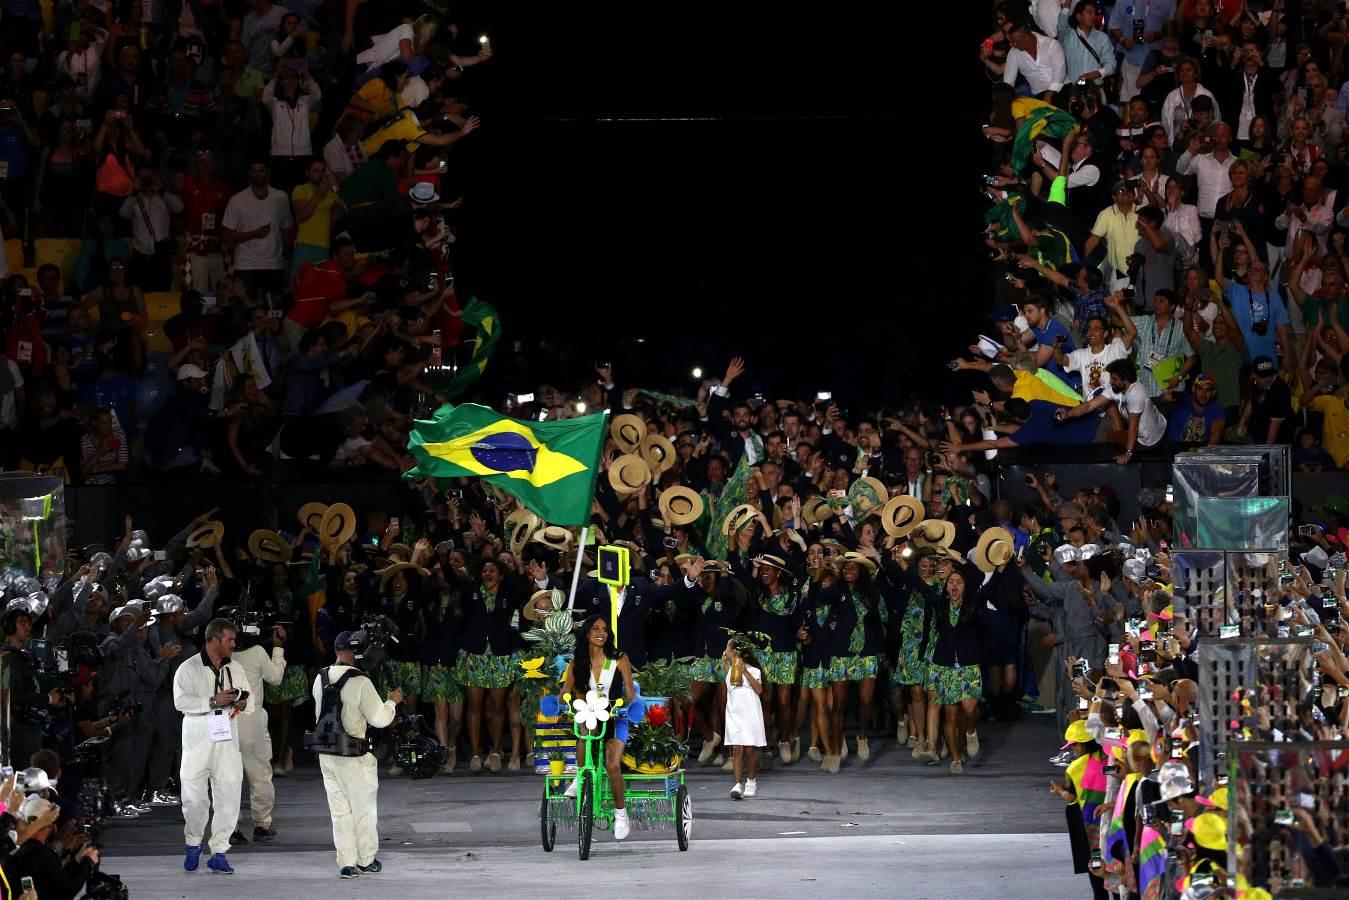 Juegos Olímpicos Río 2016: Medalla   Opinión   EL PAÍS